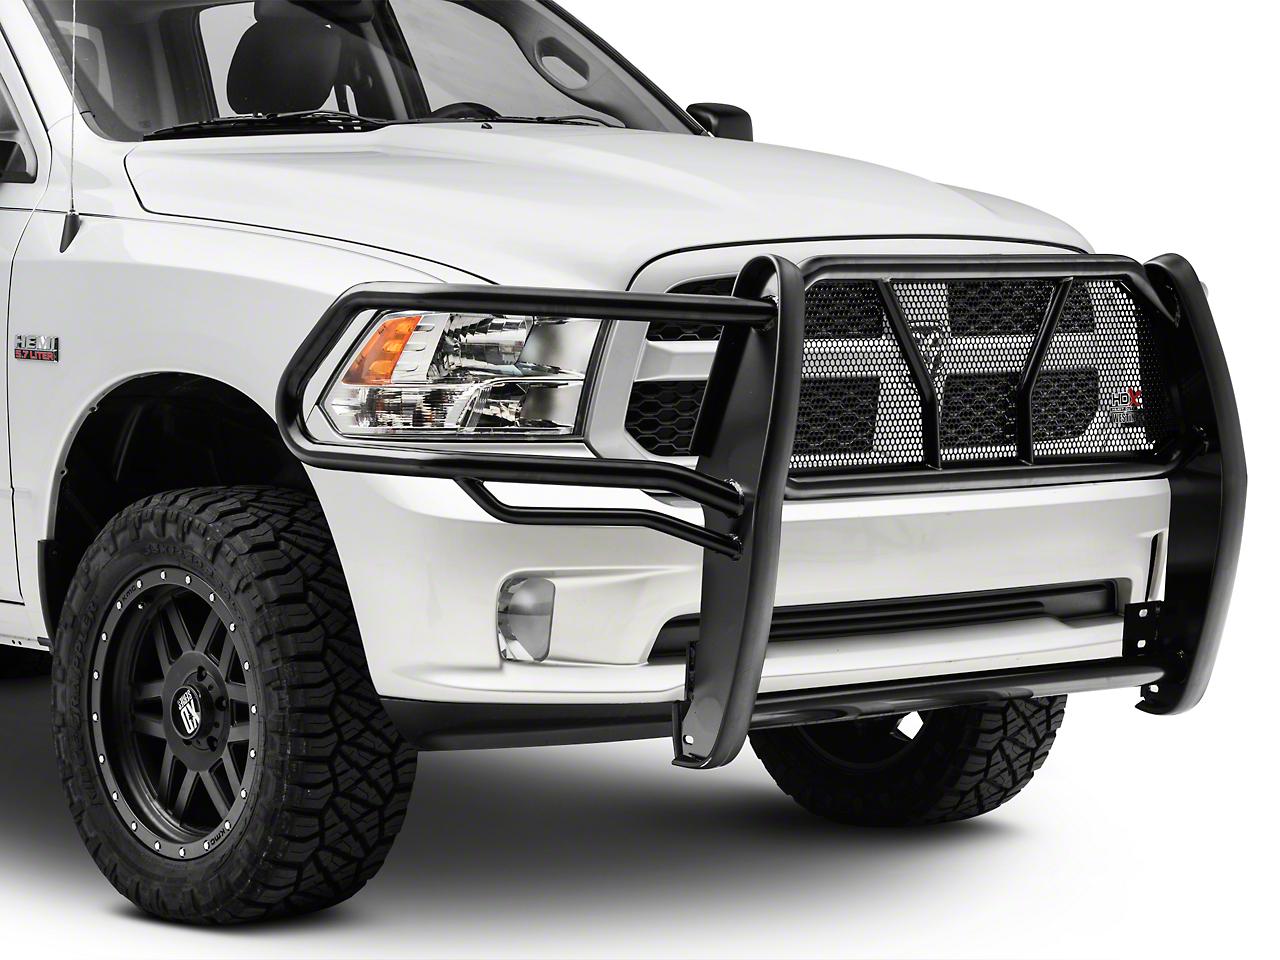 Westin HDX Grille Guard - Black (09-18 RAM 1500, Excluding Express, Sport & Rebel)